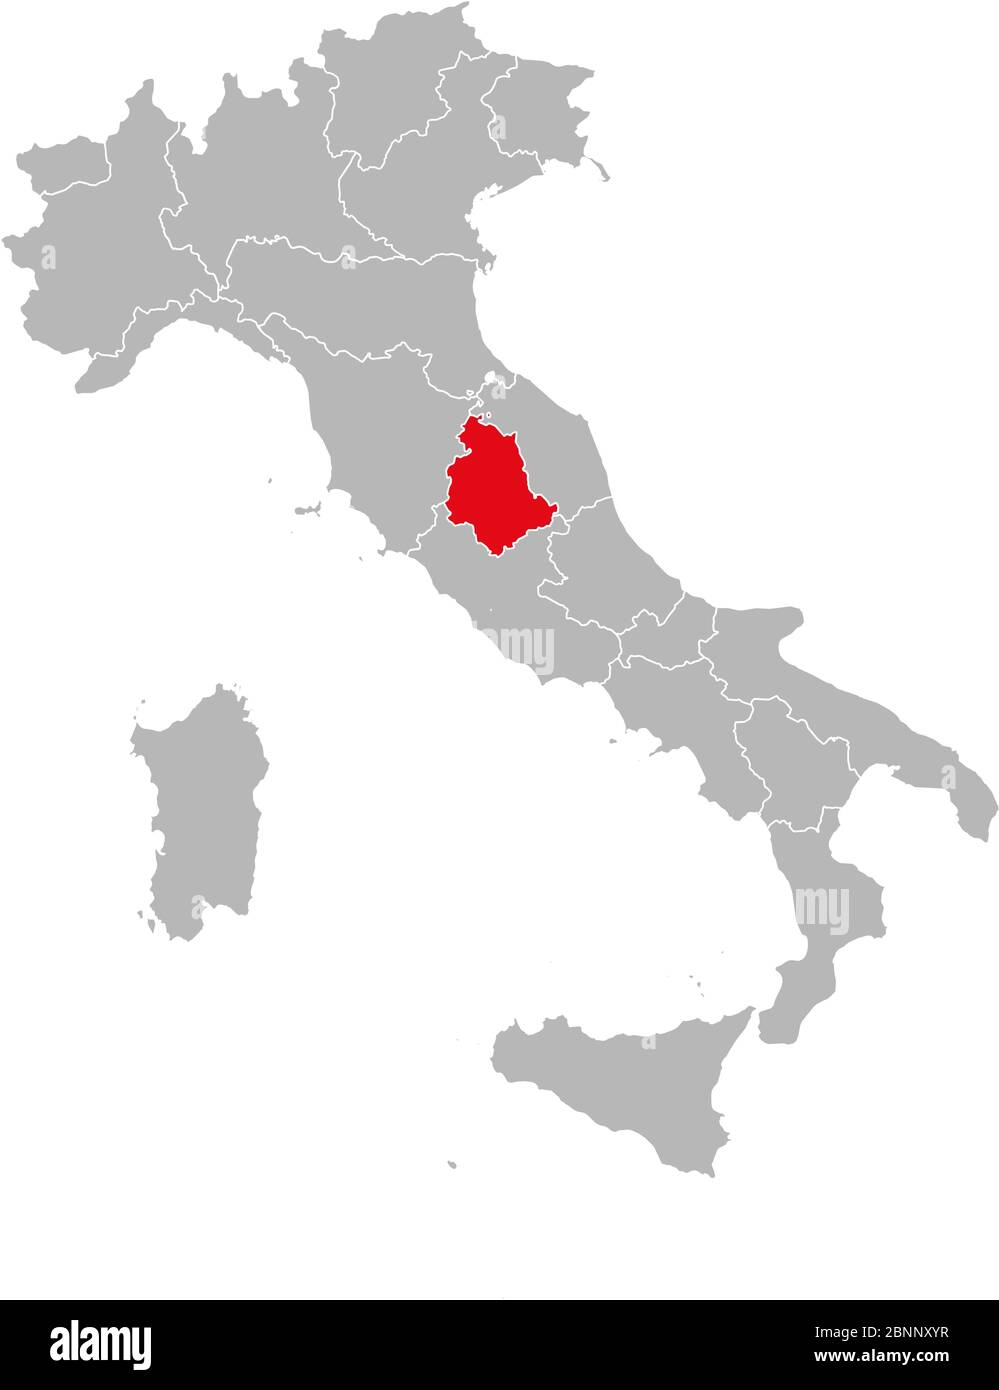 Cartina Italia Politica Umbria.Provincia Dell Umbria Segnata In Rosso Sulla Mappa Dell Italia Sfondo Grigio Mappa Politica Italiana Immagine E Vettoriale Alamy